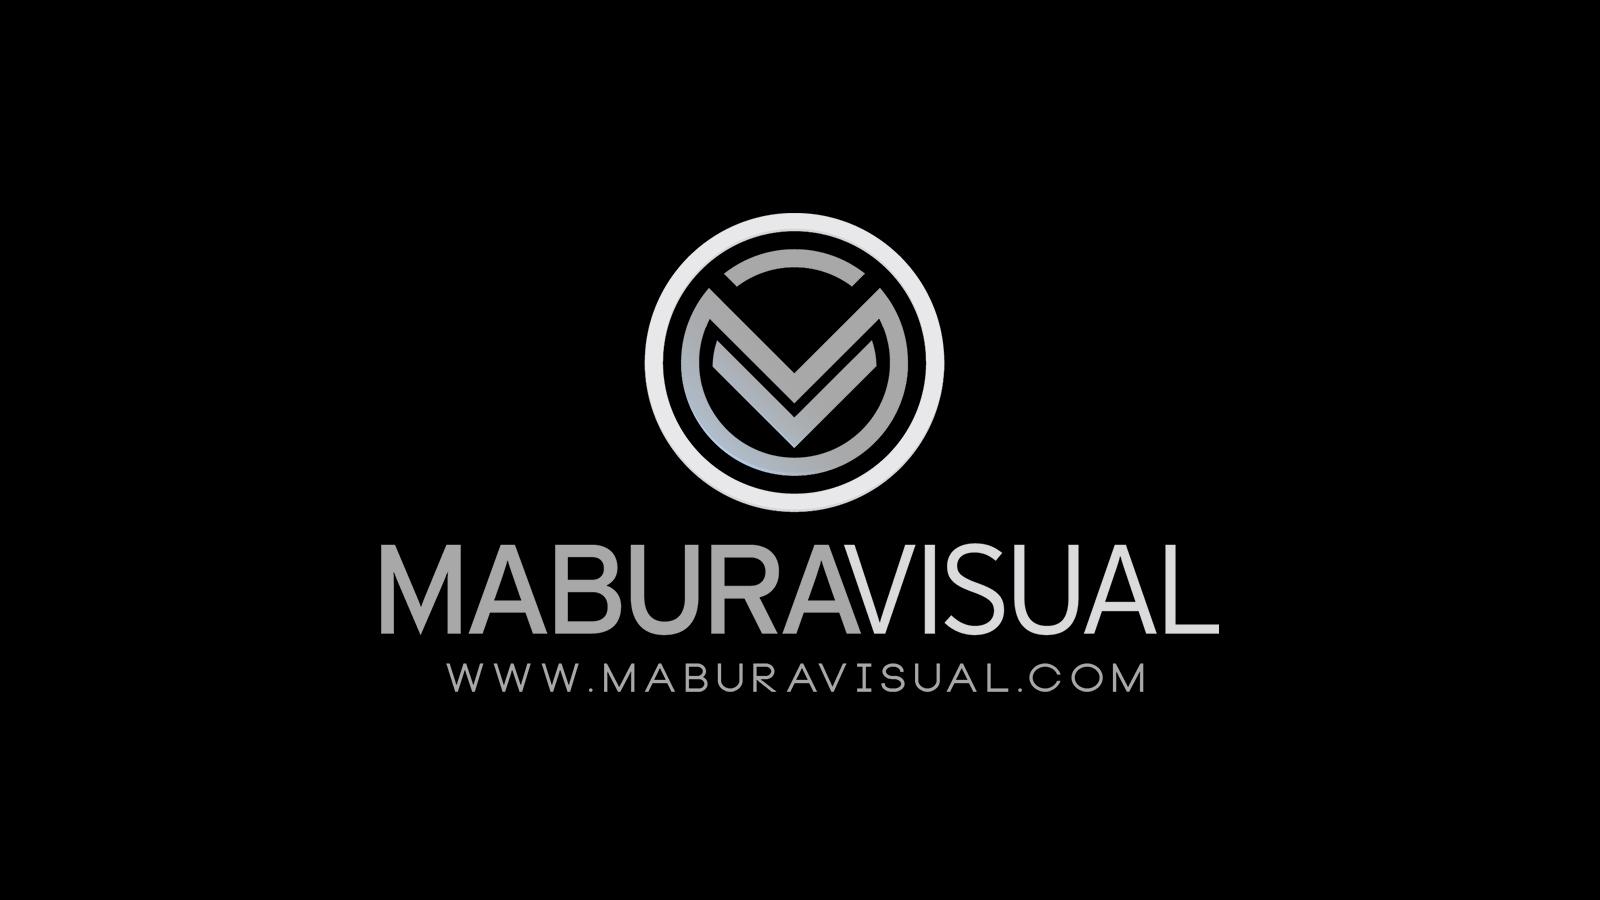 maburavisual